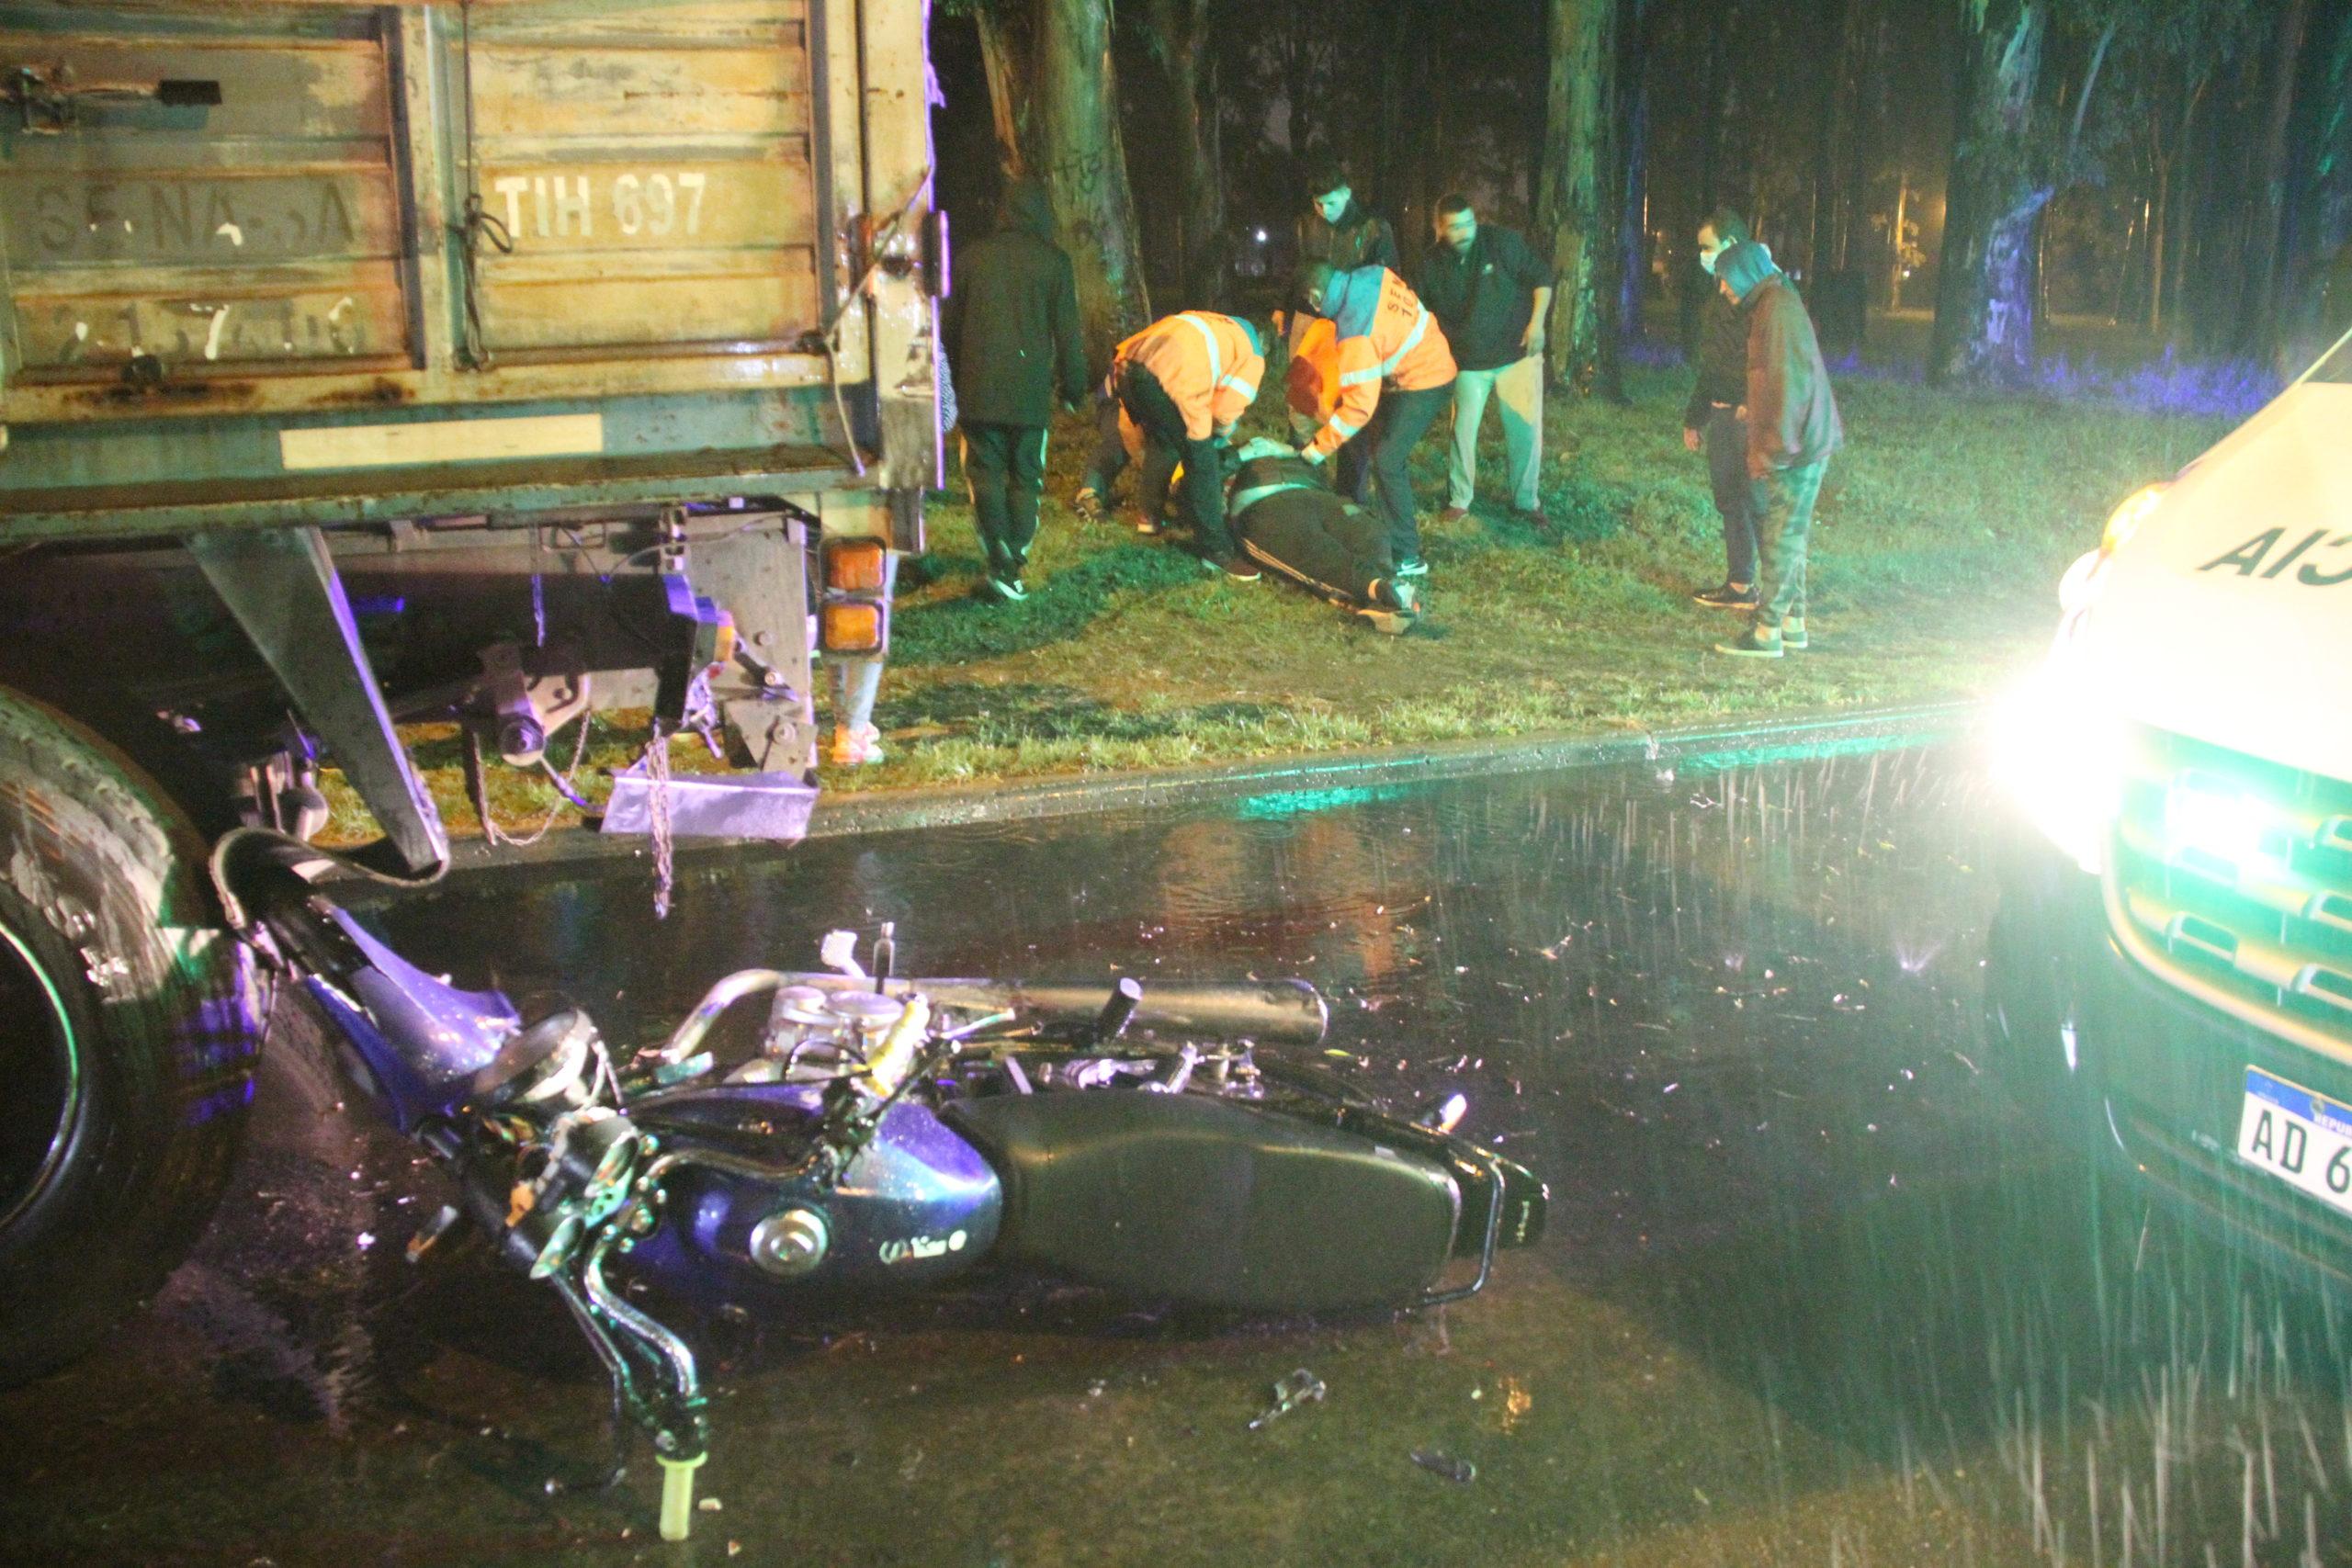 Grave Accidente: Trasladan un motociclista al hospital después de chocar contra un camión estacionado